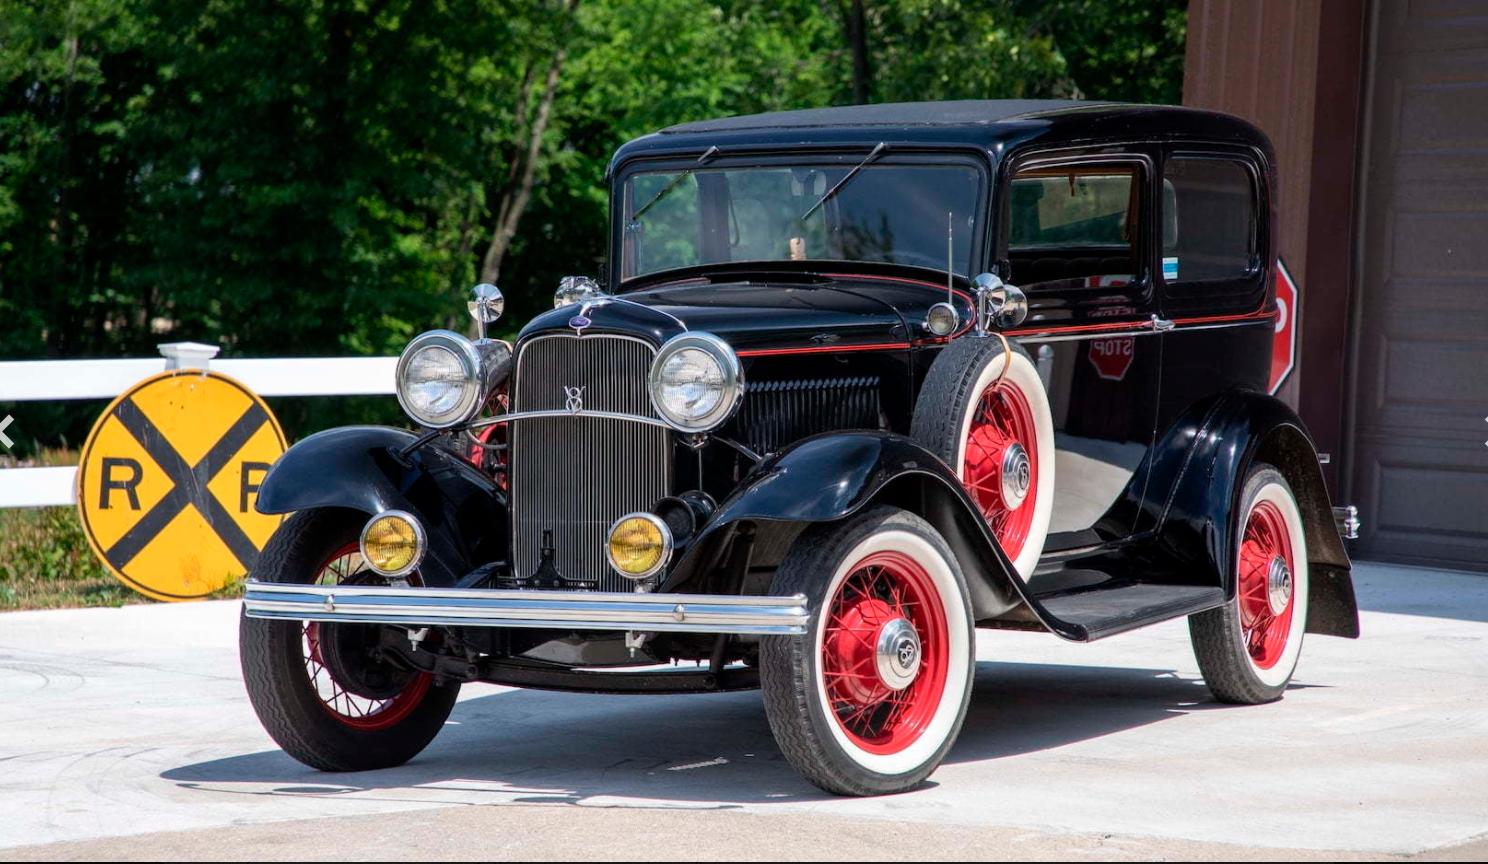 1932 Ford MODEL 18 DELUXE TUDOR SEDAN